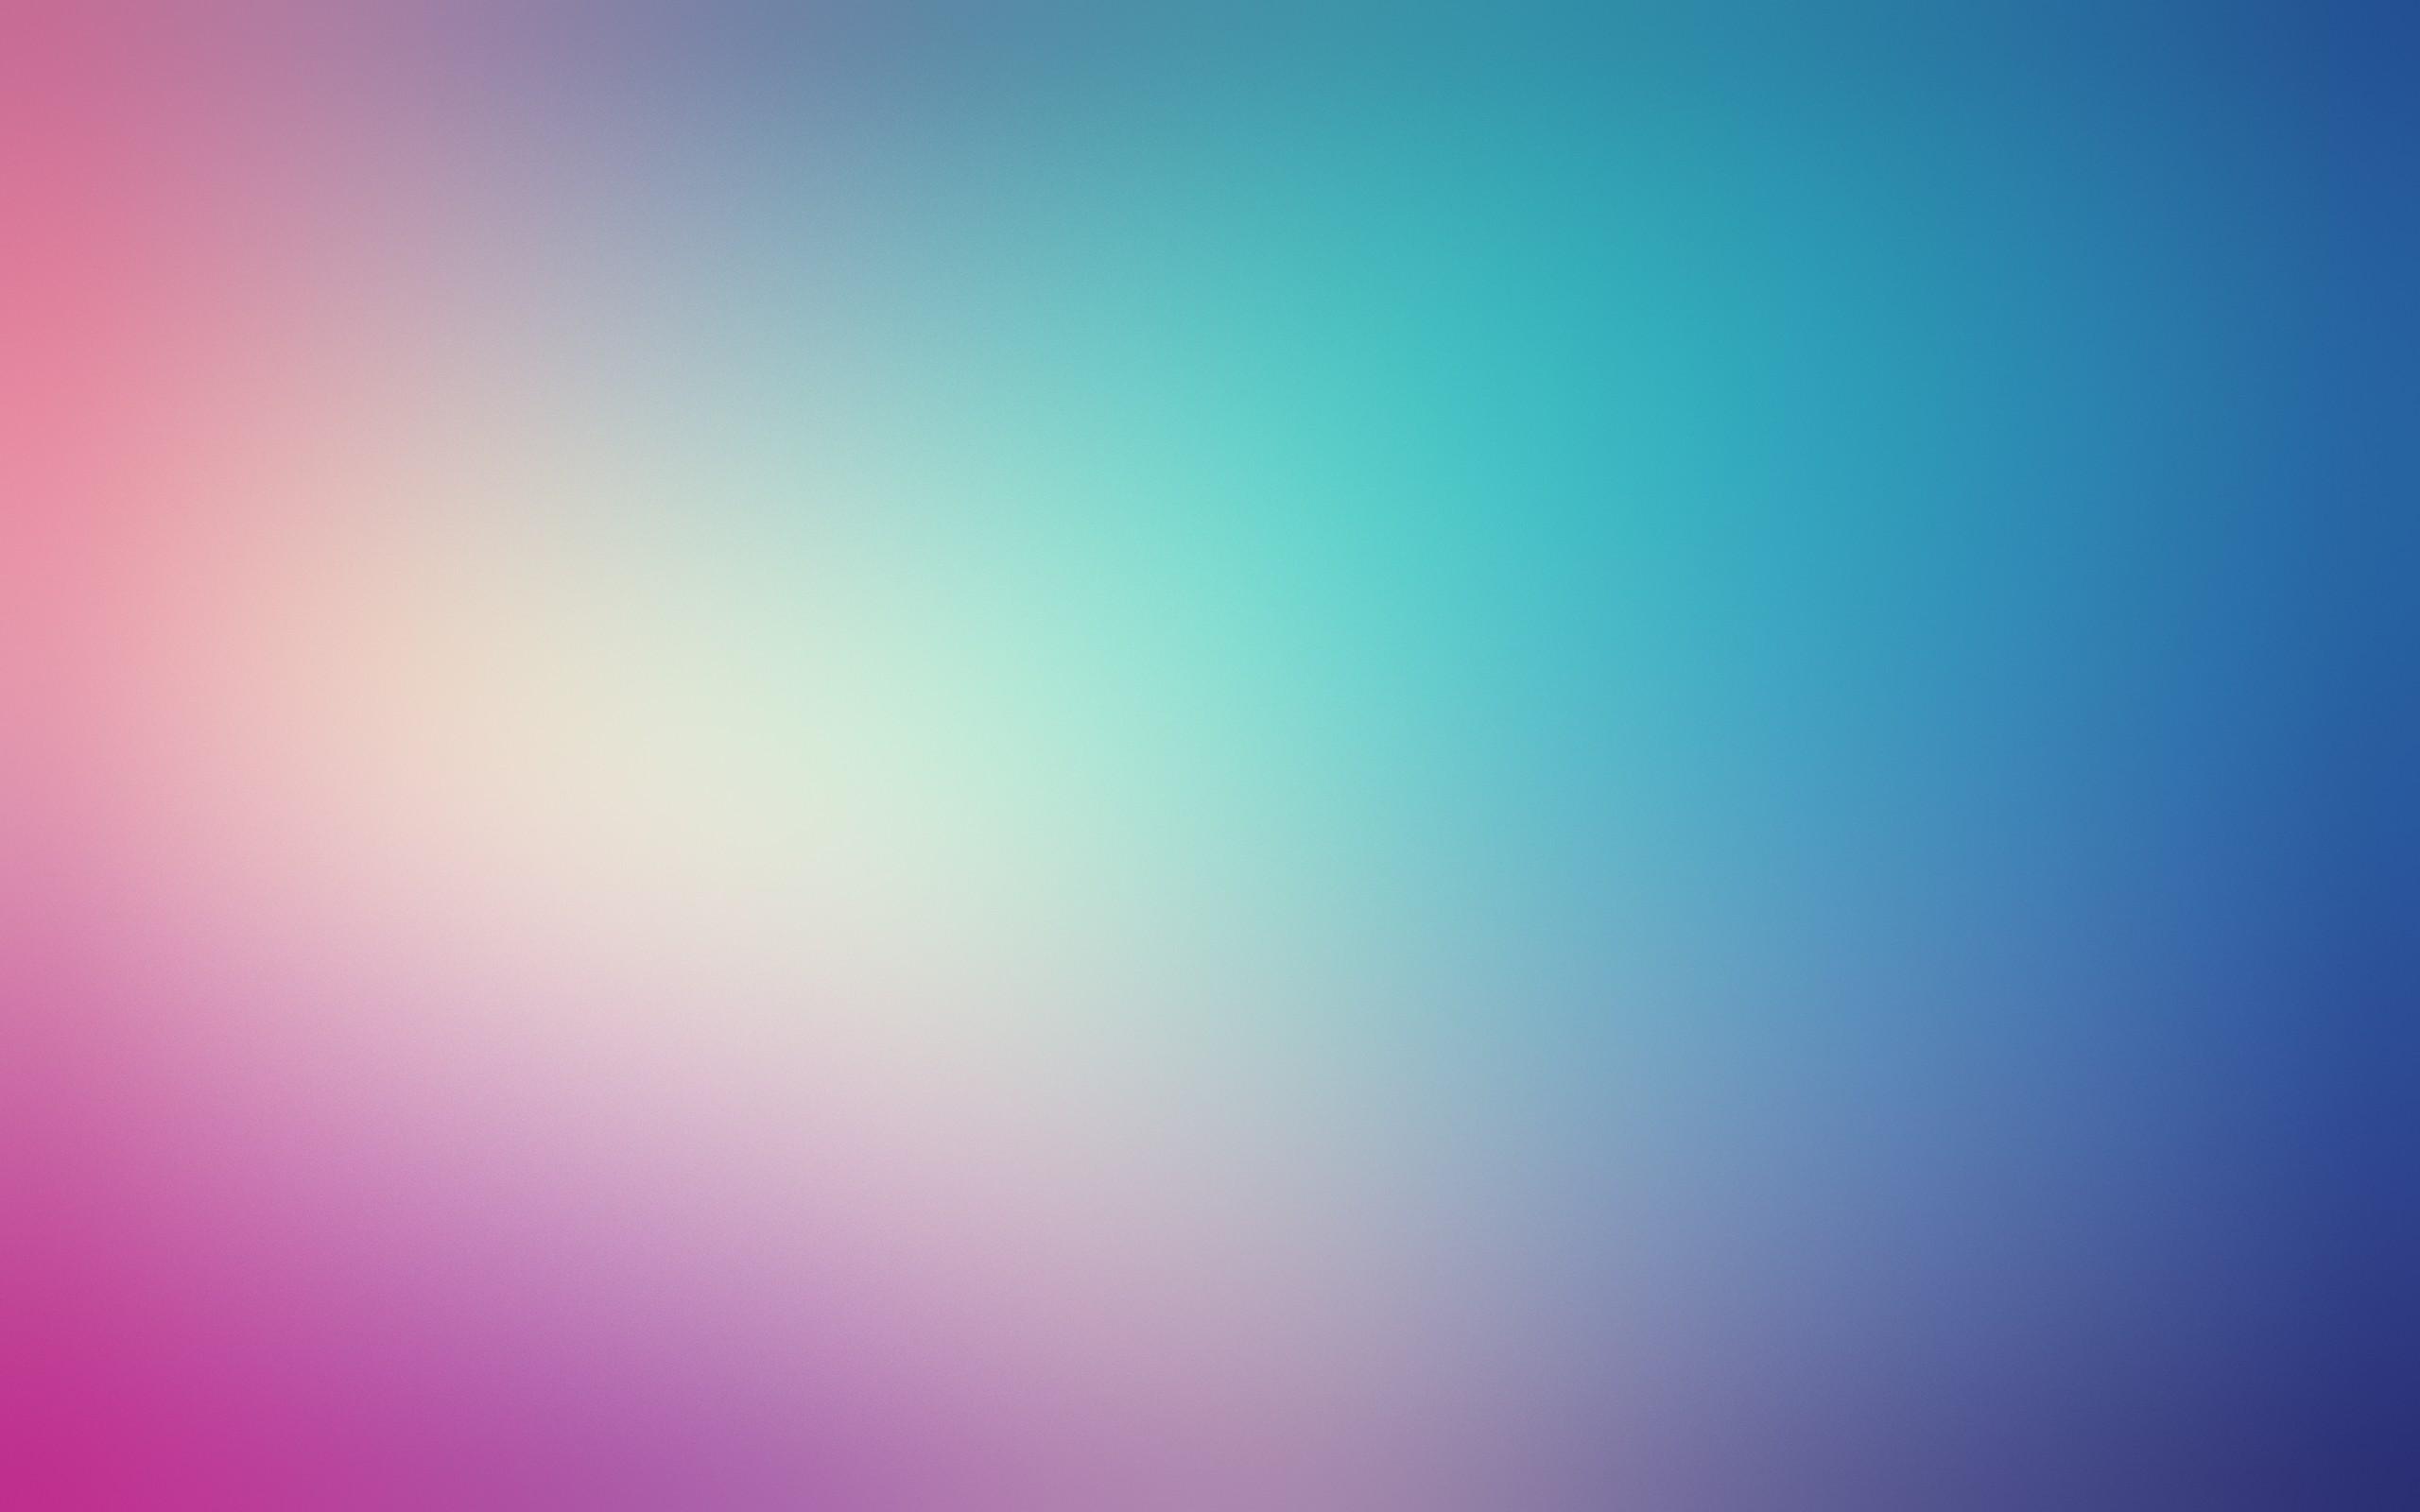 2560x1600 Gradient Desktop Wallpaper 393